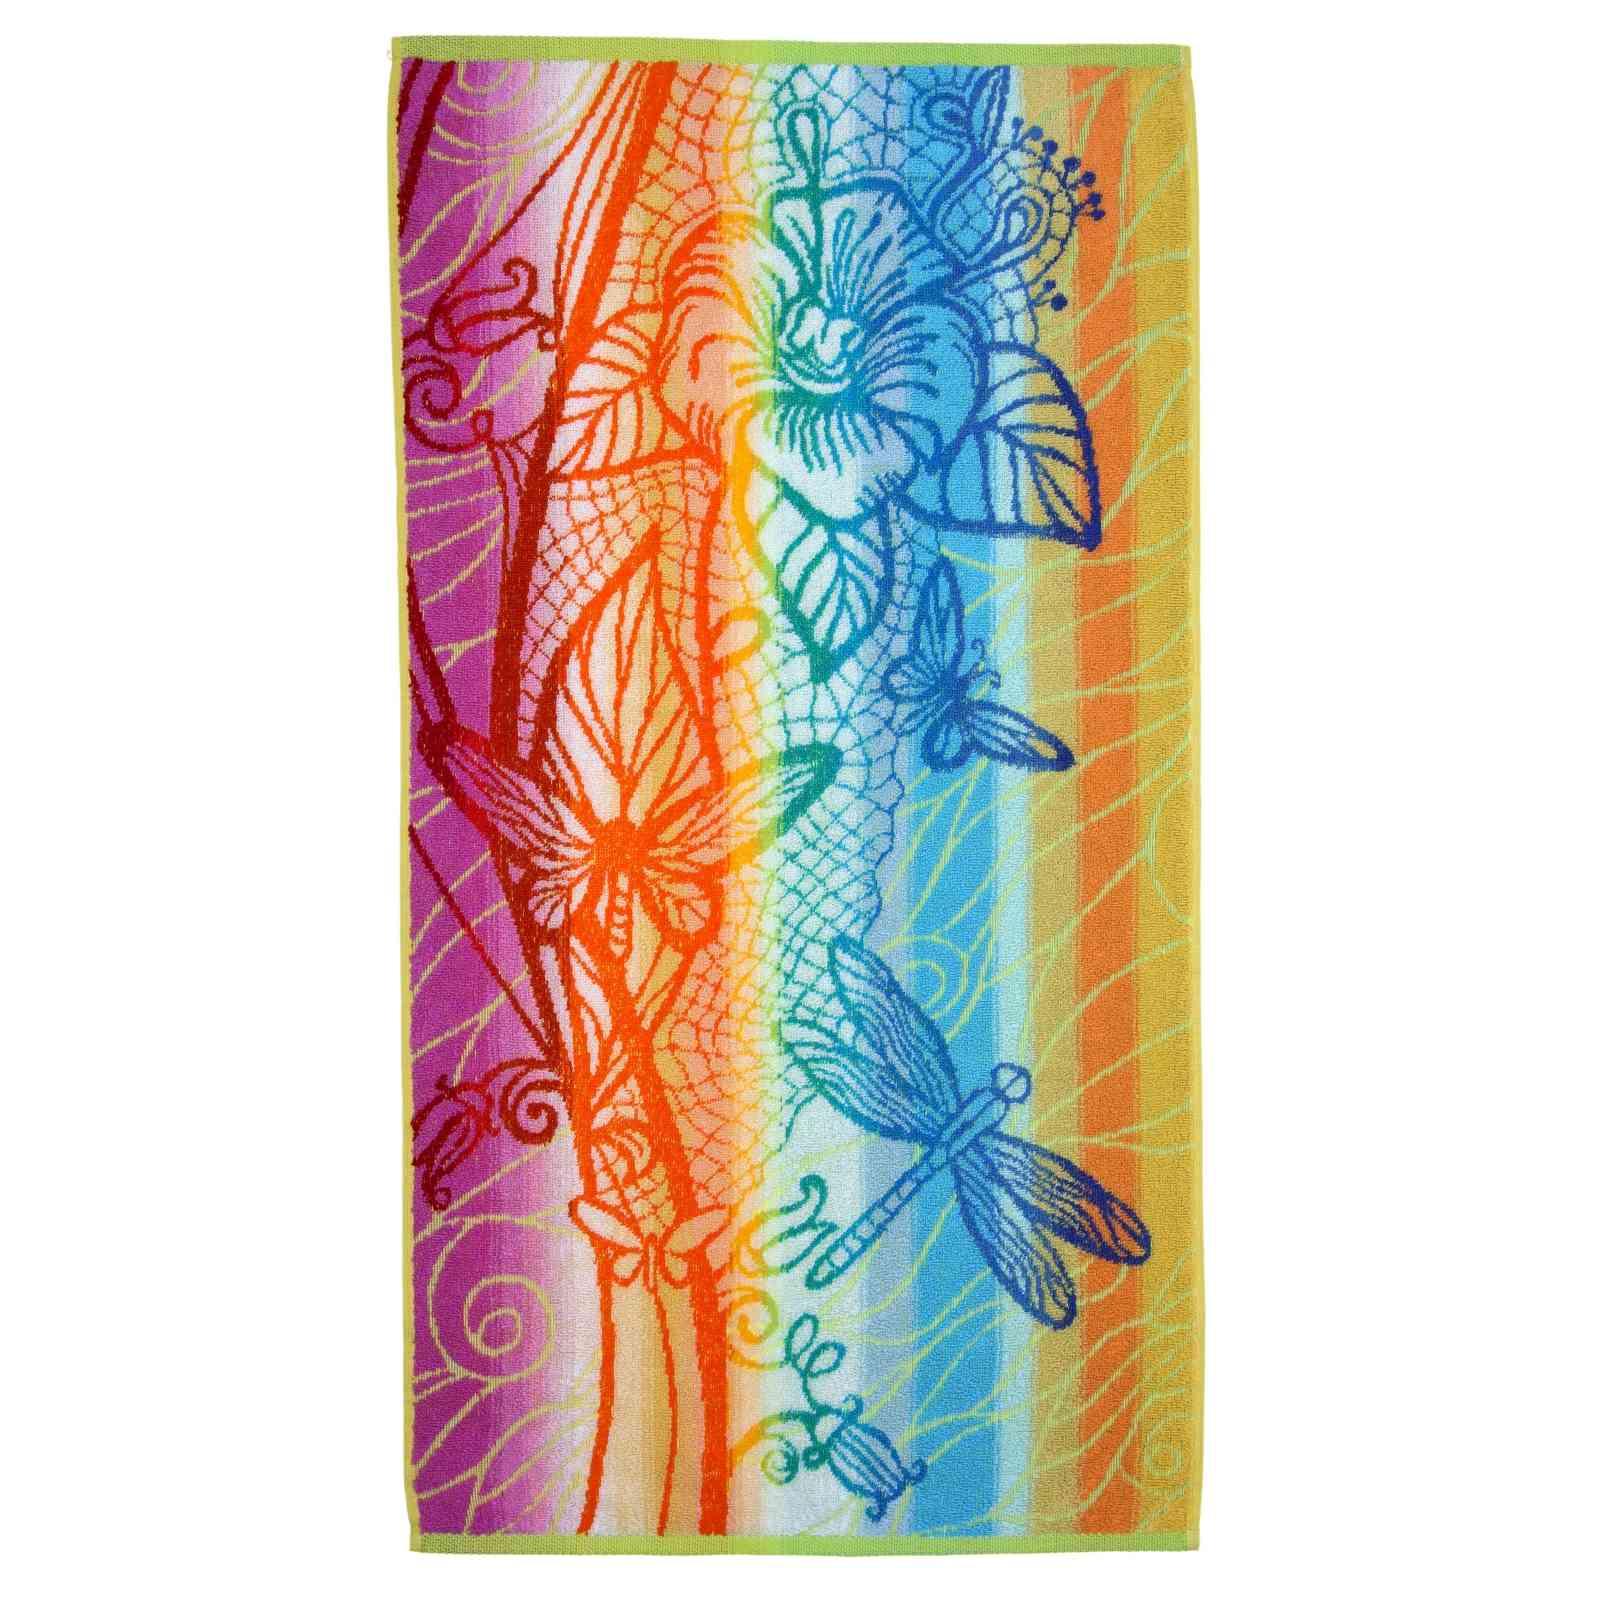 Полотенце для лица, рук или ног Авангард Махровое полотенце, разноцветный авангард полотенце махровое пестротканое жаккардовое доченьке